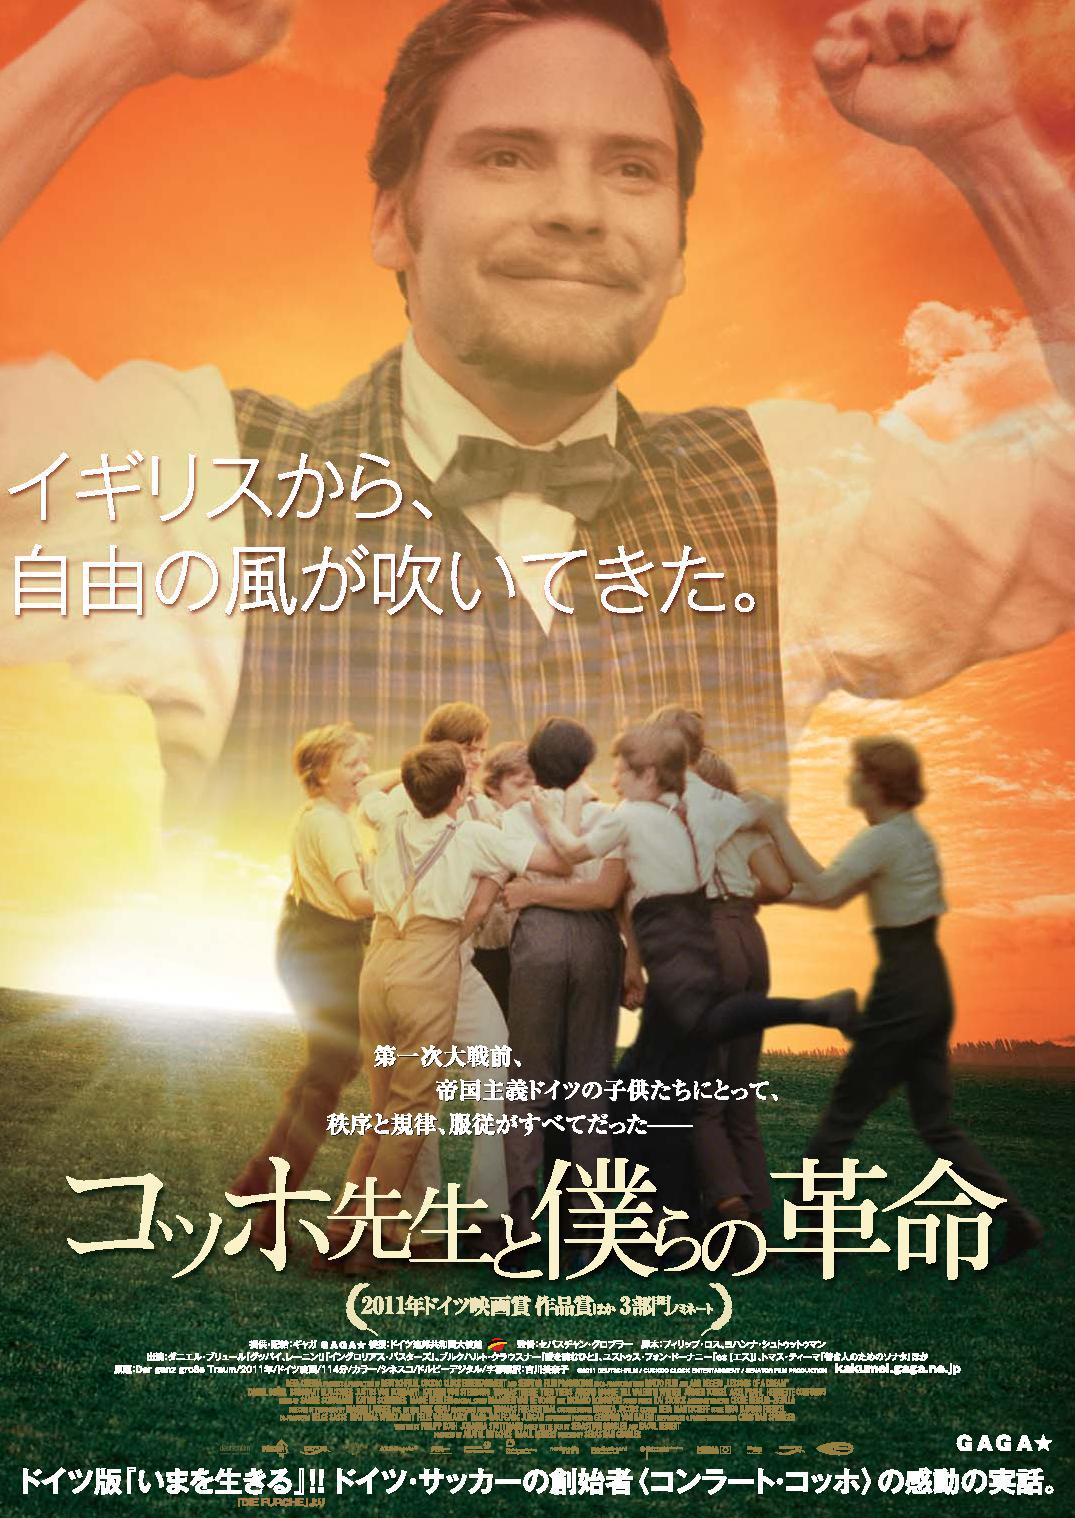 『コッホ先生と僕らの革命』ポスター画像.jpg